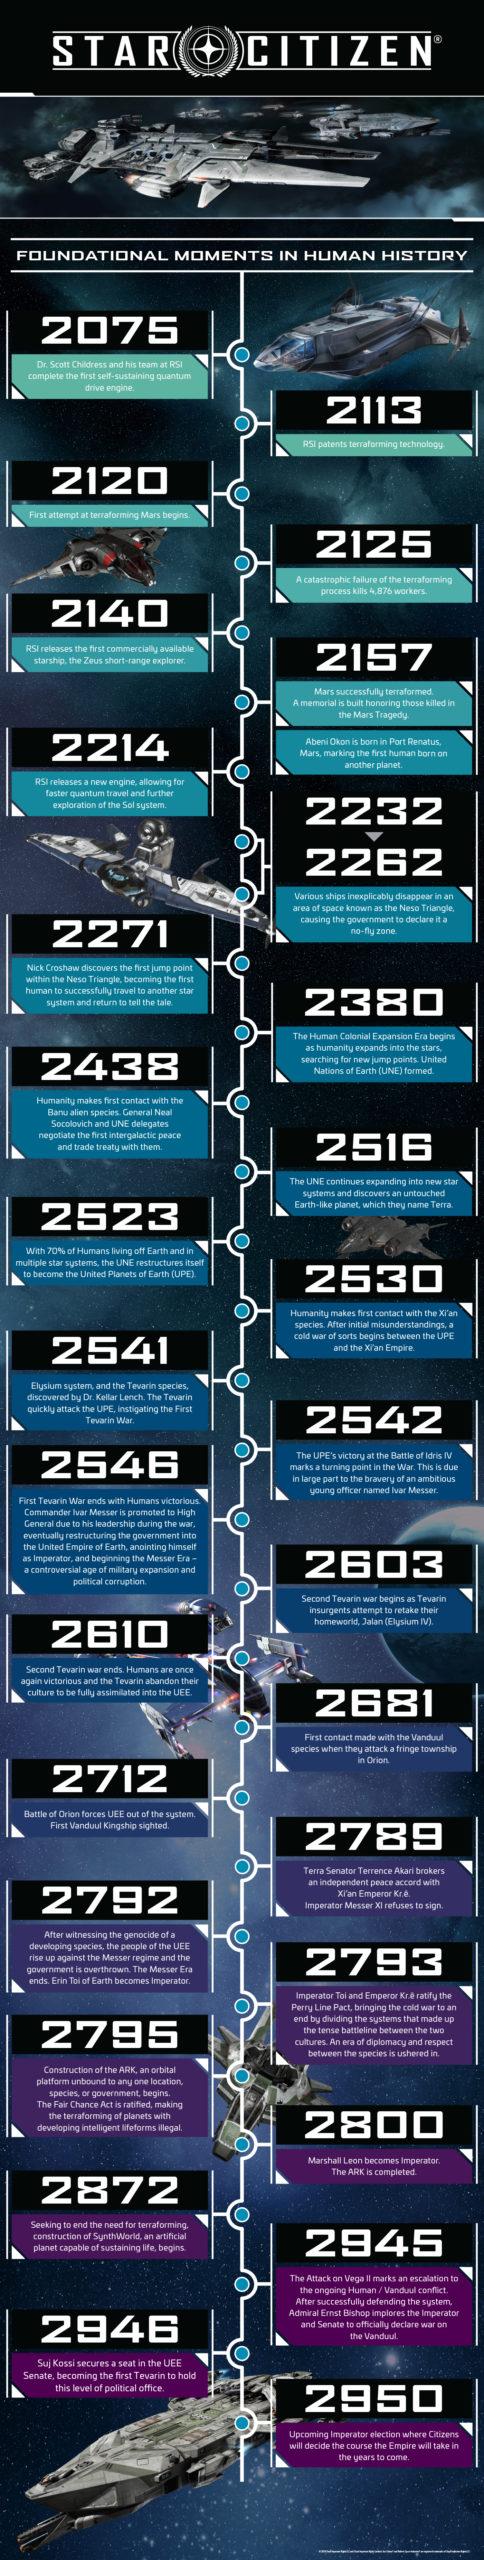 Timeline Starcitizen